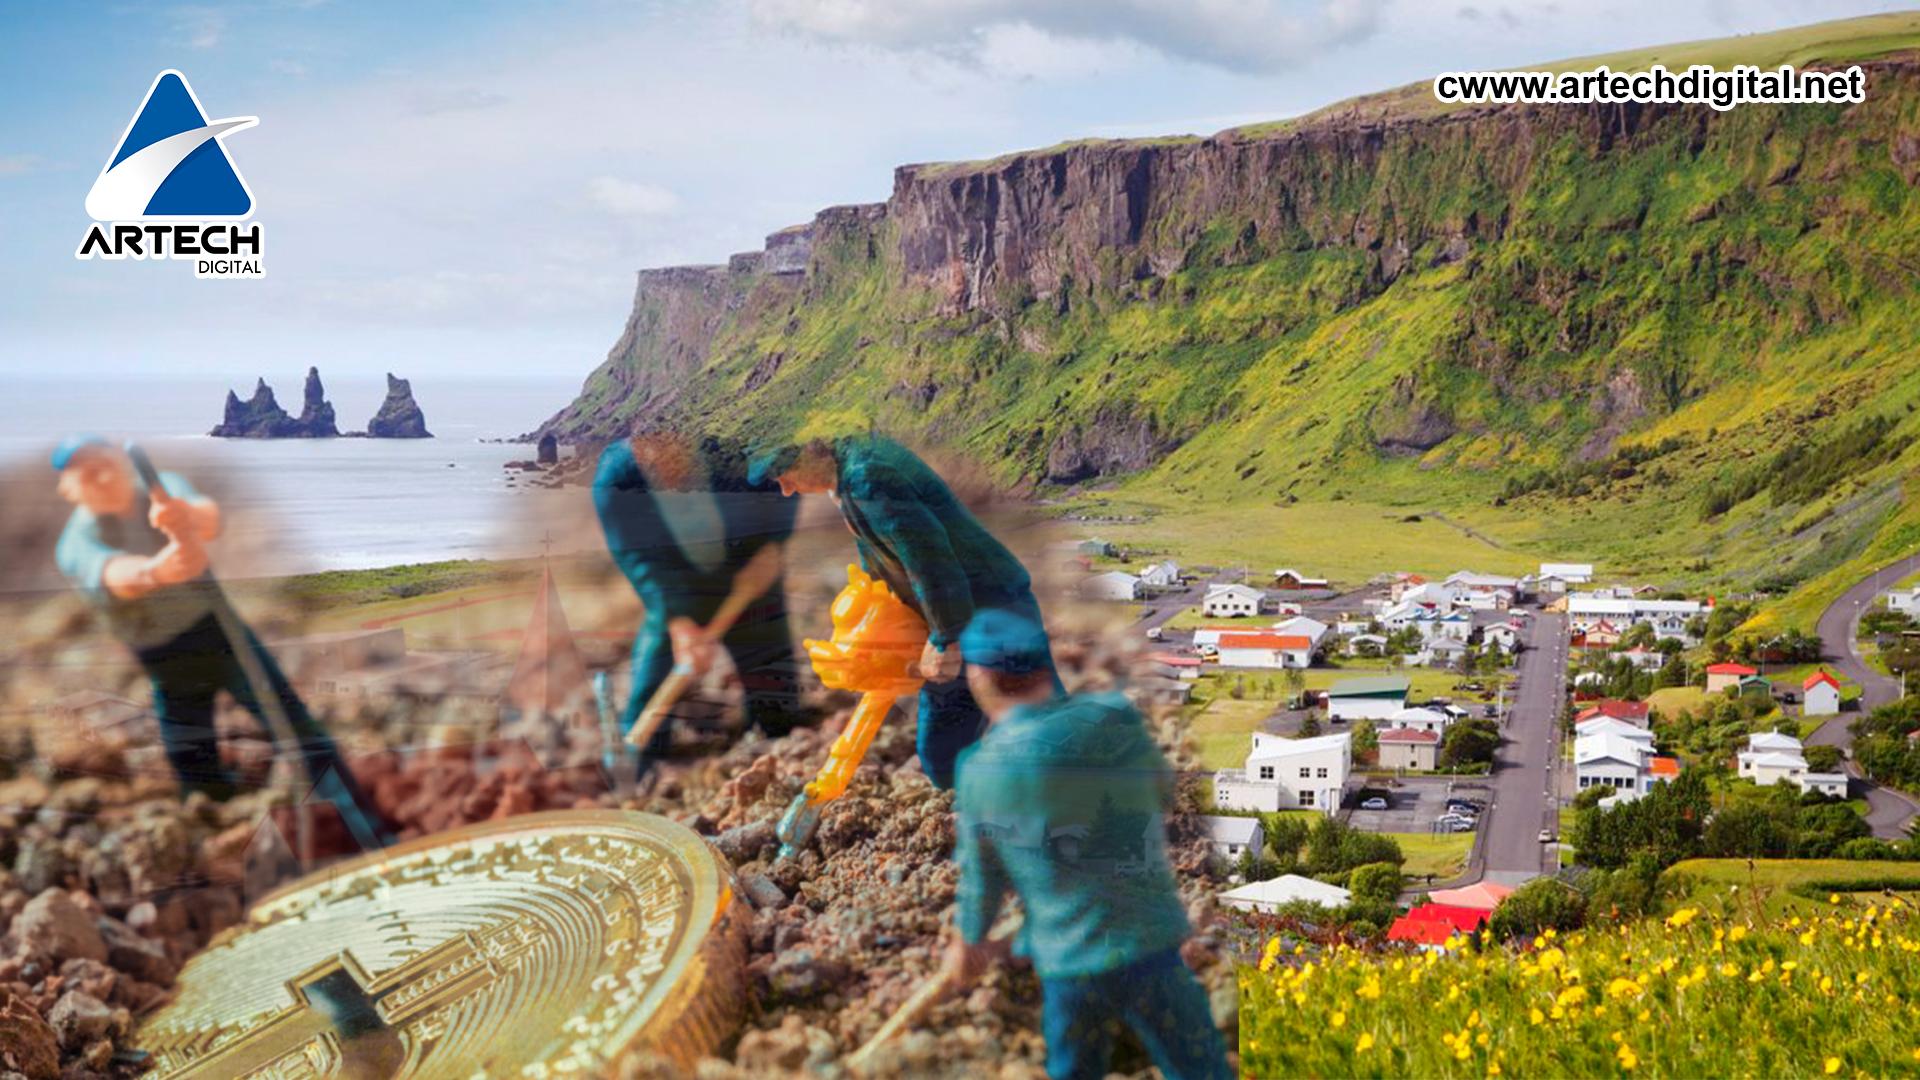 artech digital - Por qué Islandia se convirtió en el lugar con más minas de criptomonedas del mundo